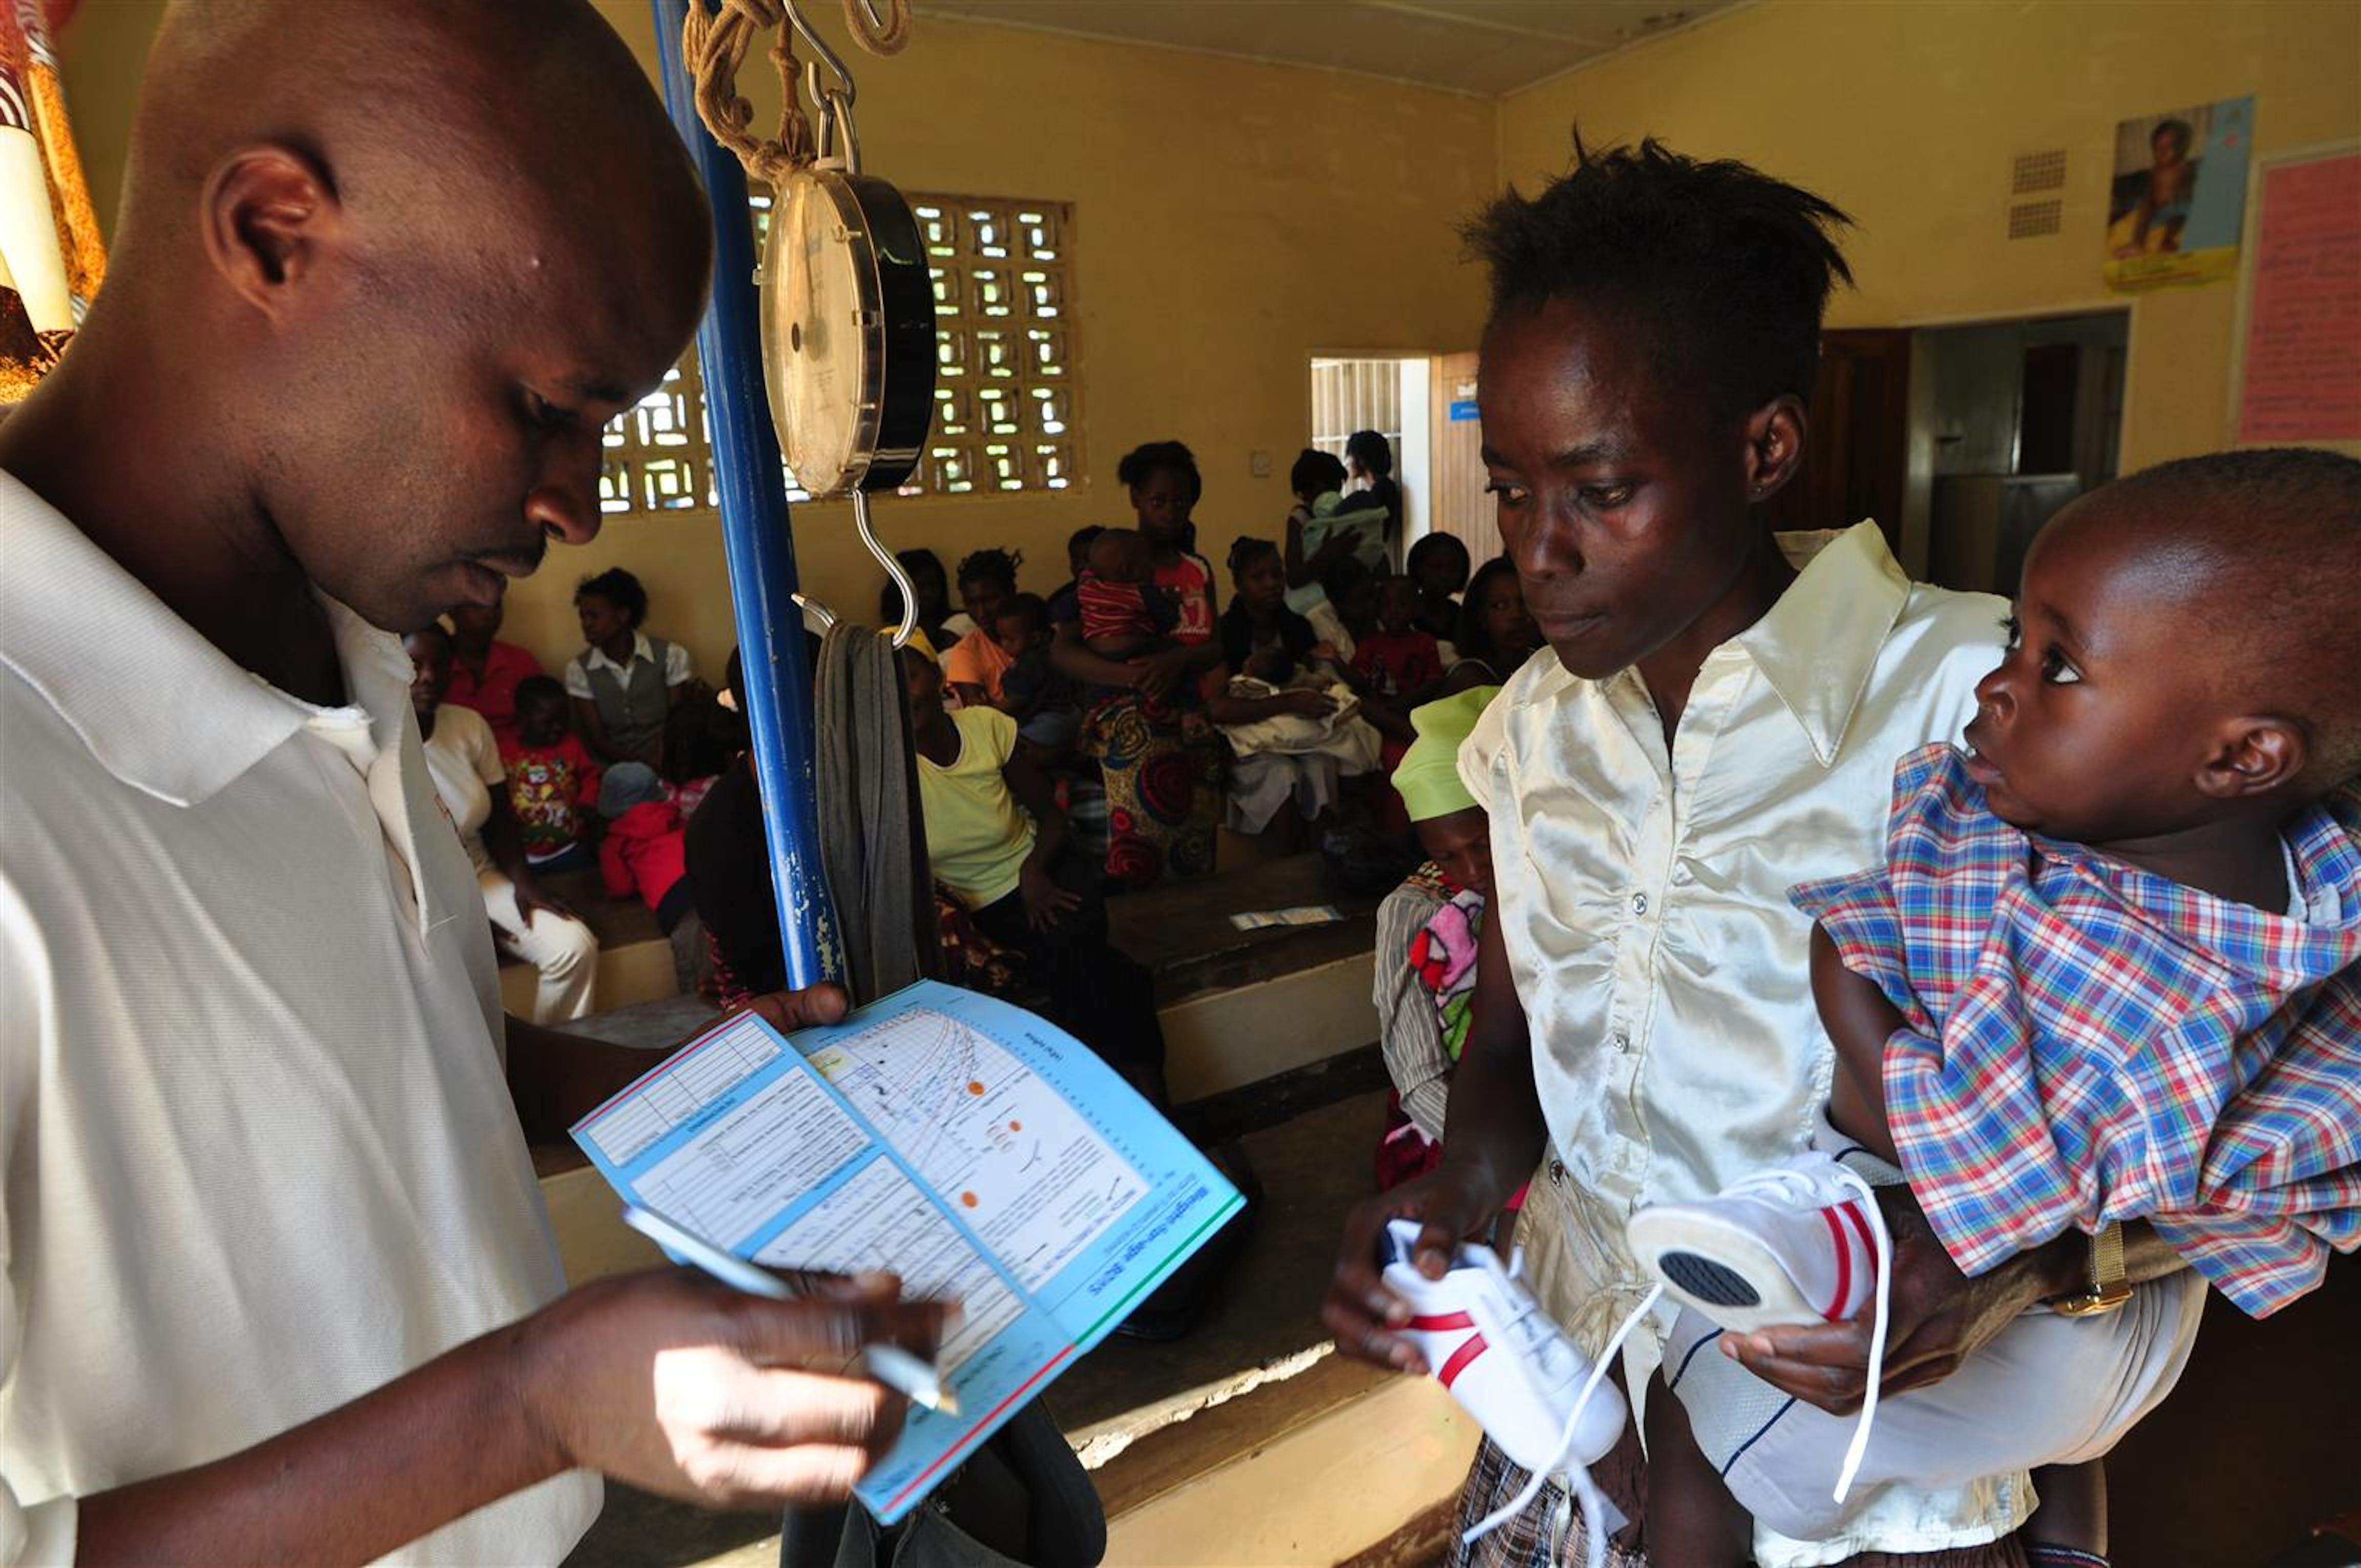 Zambia. Un operatore sanitario esamina le condizioni del piccolo Mwitwa, di 14 mesi. La mamma è sieropositiva e anche il bambino è a rischio - ©UNICEF/NYHQ2010-0849/Nesbitt